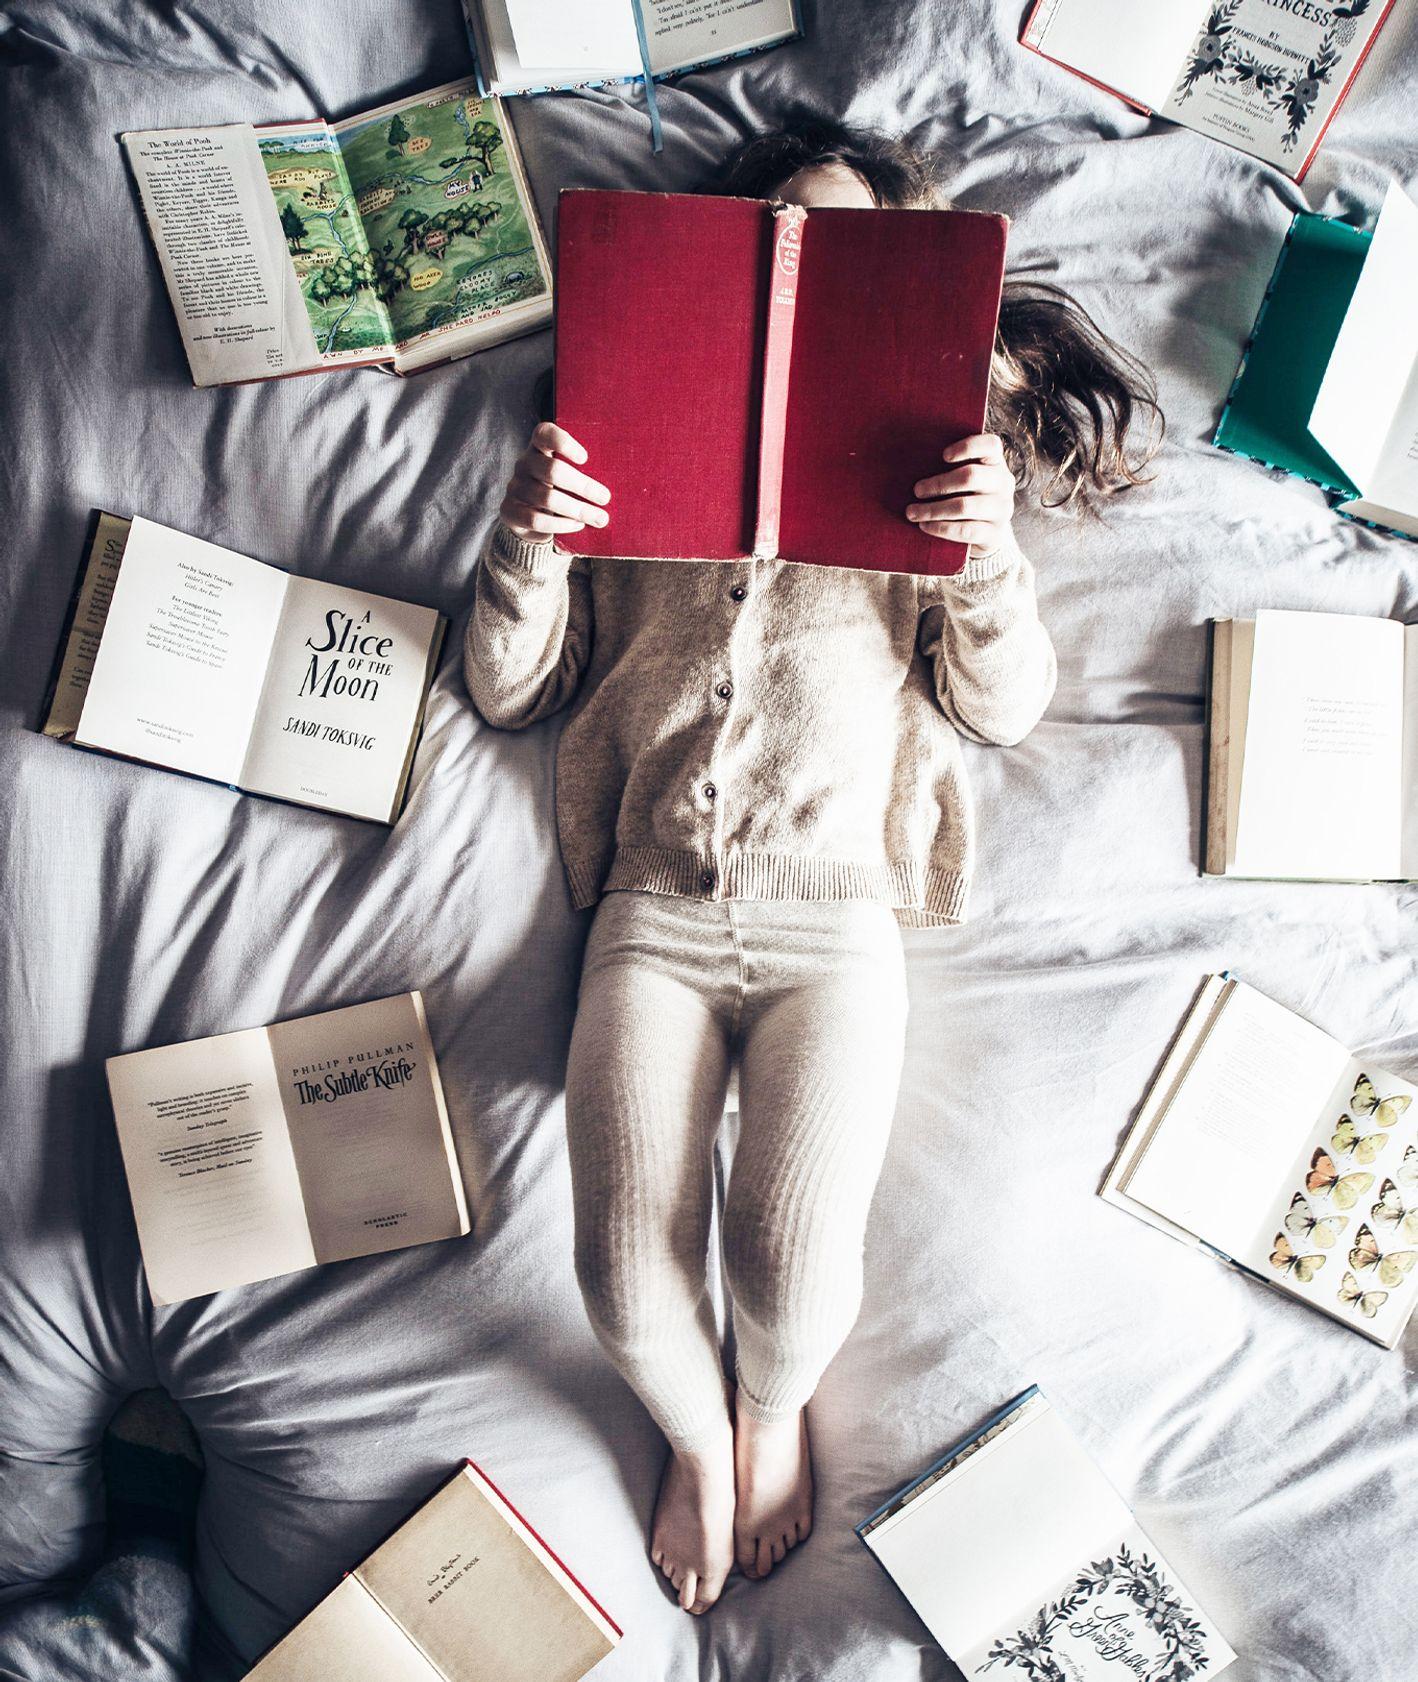 Dziewczynka czytająca na łóżku książki z pięknymi ilustracjami (fot. Annie Spratt / unsplash.com)